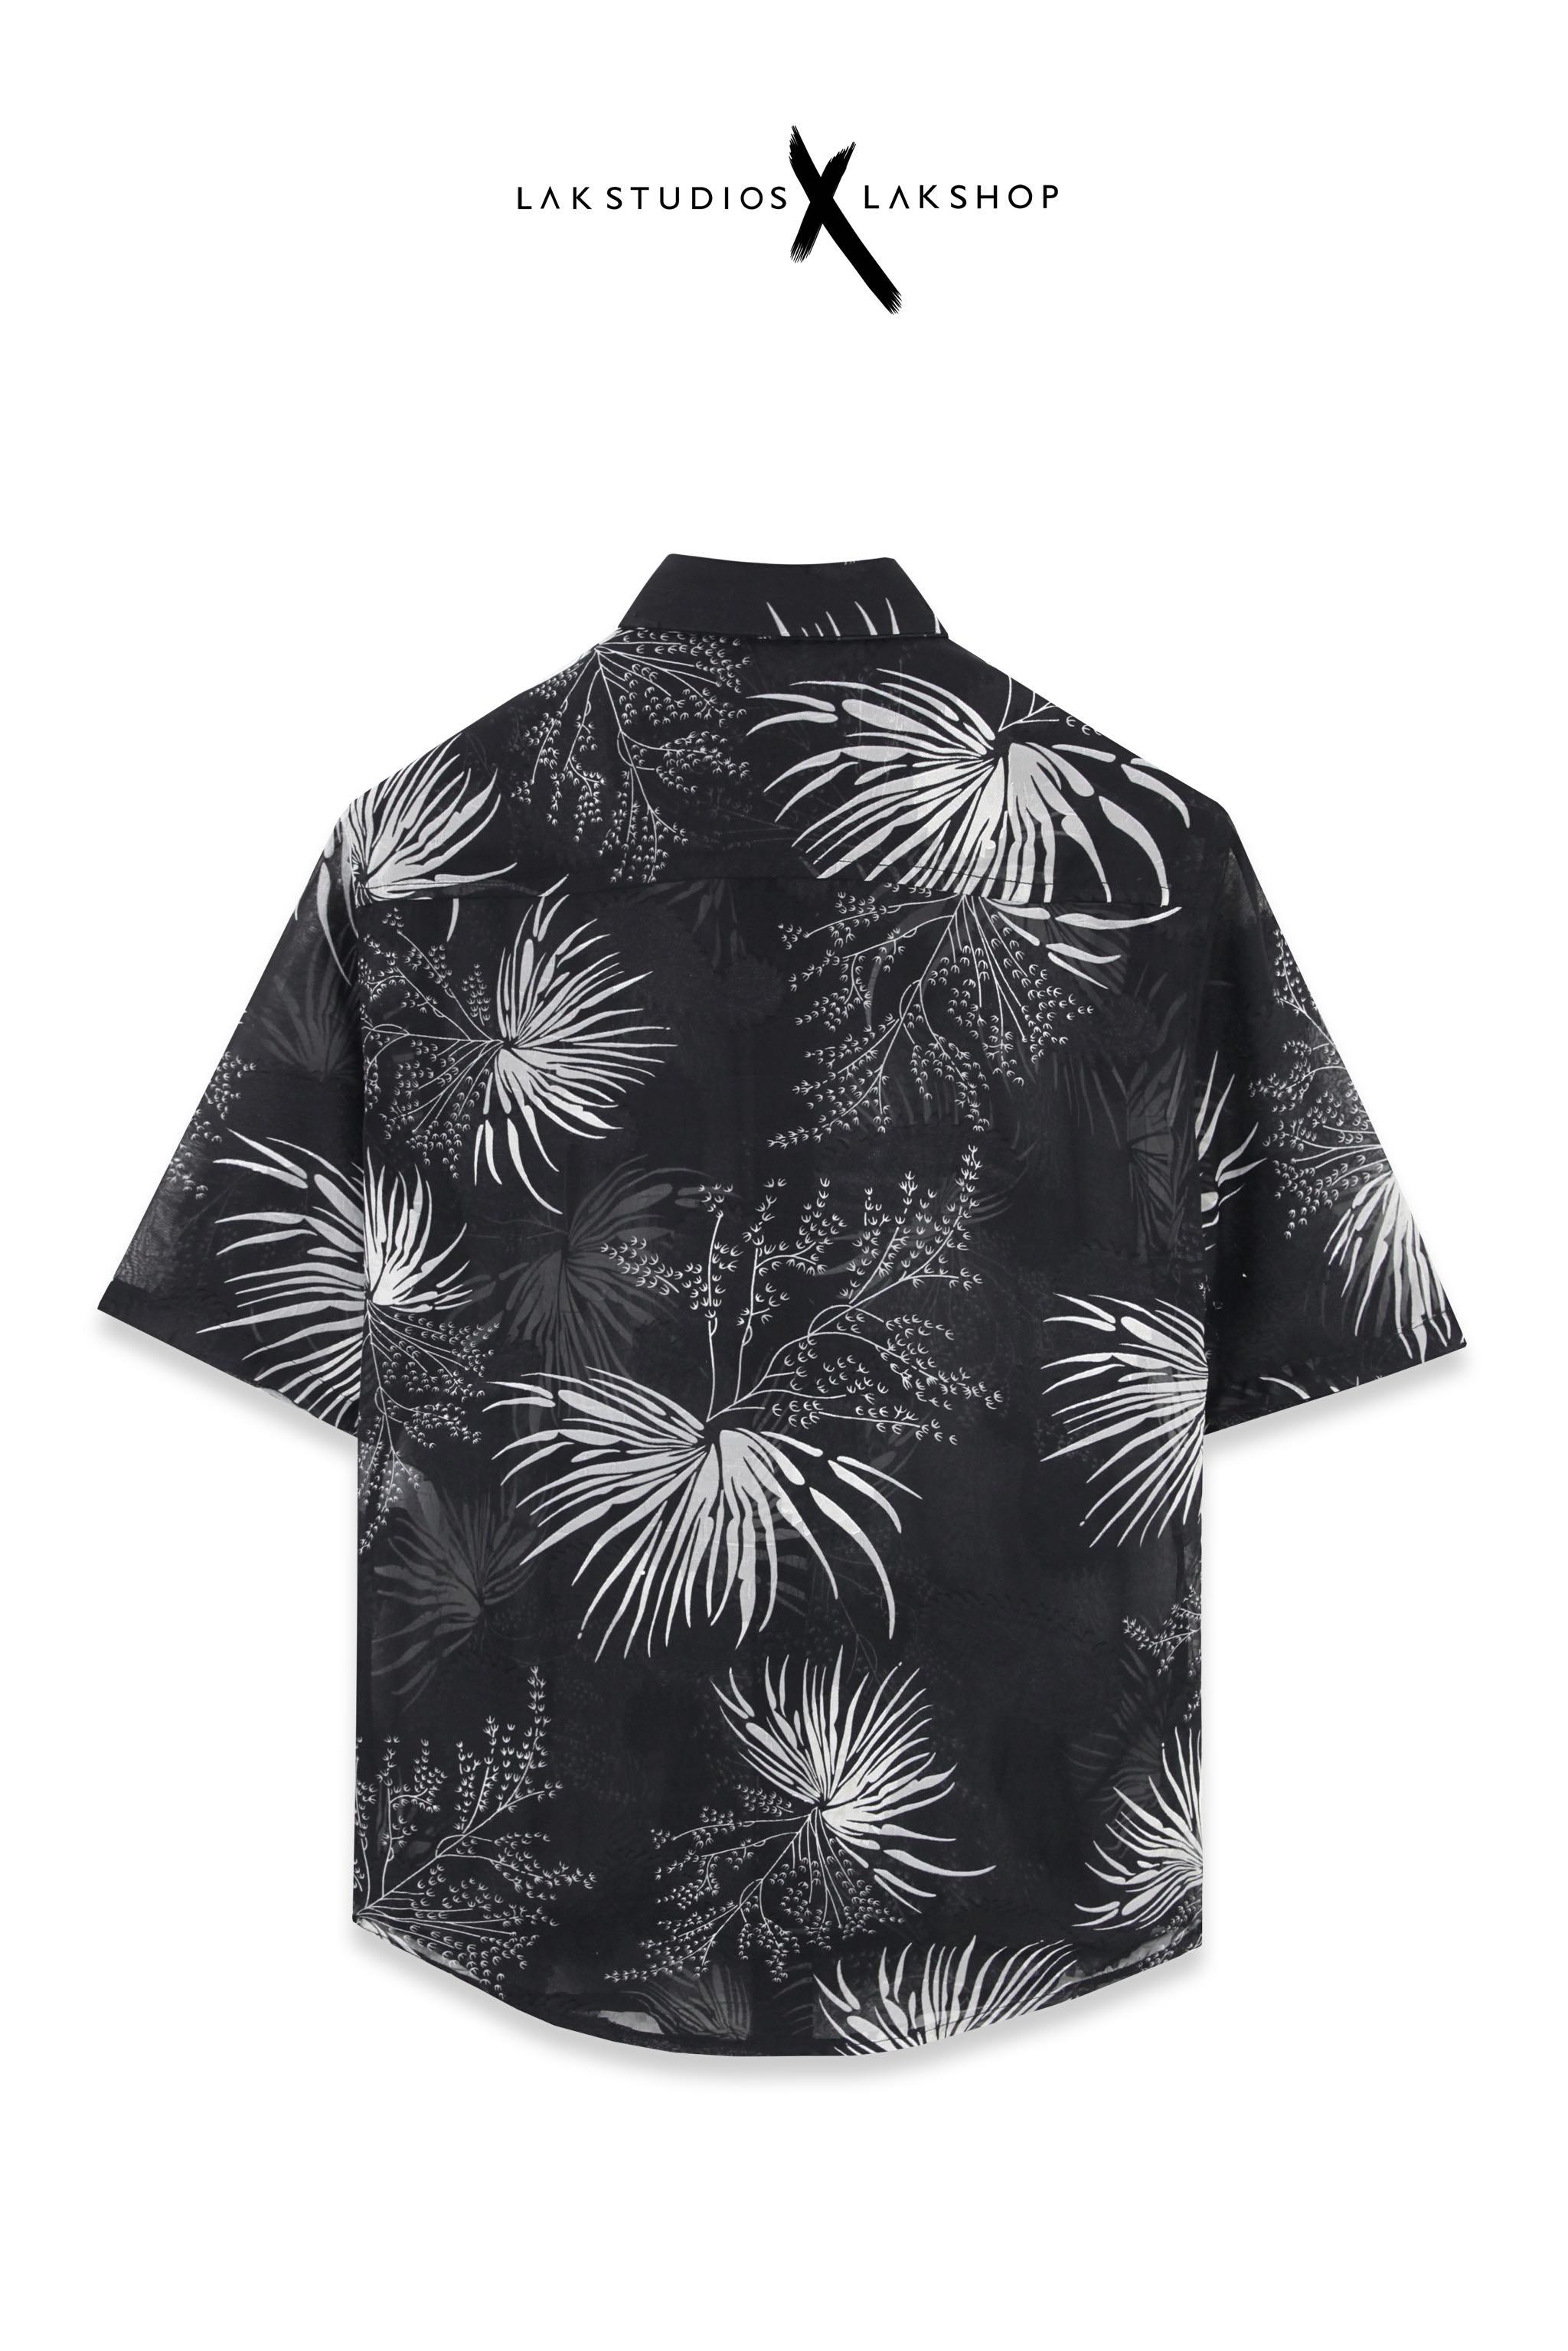 Lak Studios Black Tweed Check Shirt